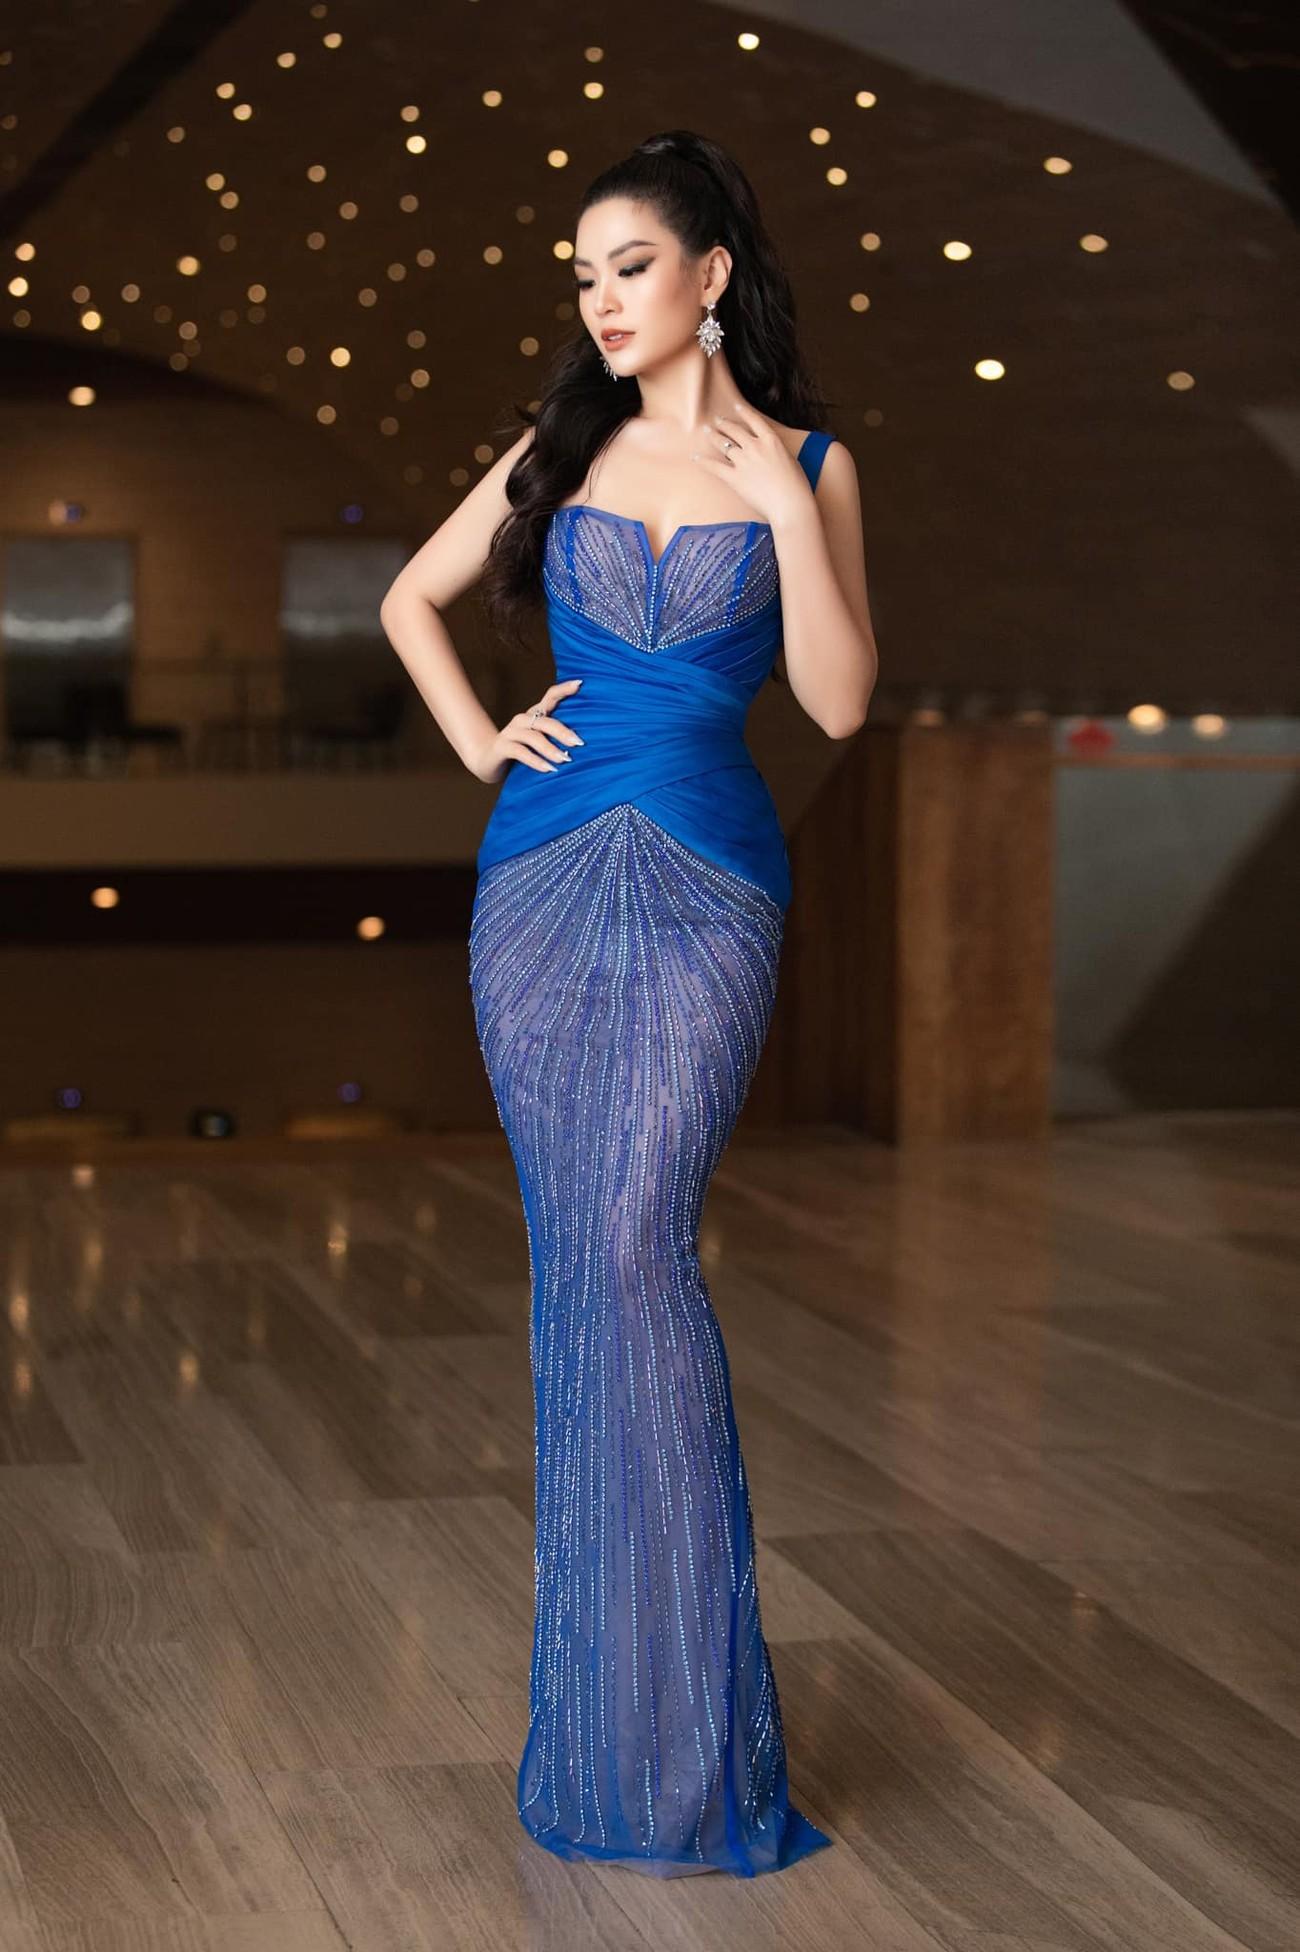 Minh Tú mặc váy xẻ ngực nóng bỏng, Hoàng Thuỳ khoe chân dài 'bất tận' ảnh 8